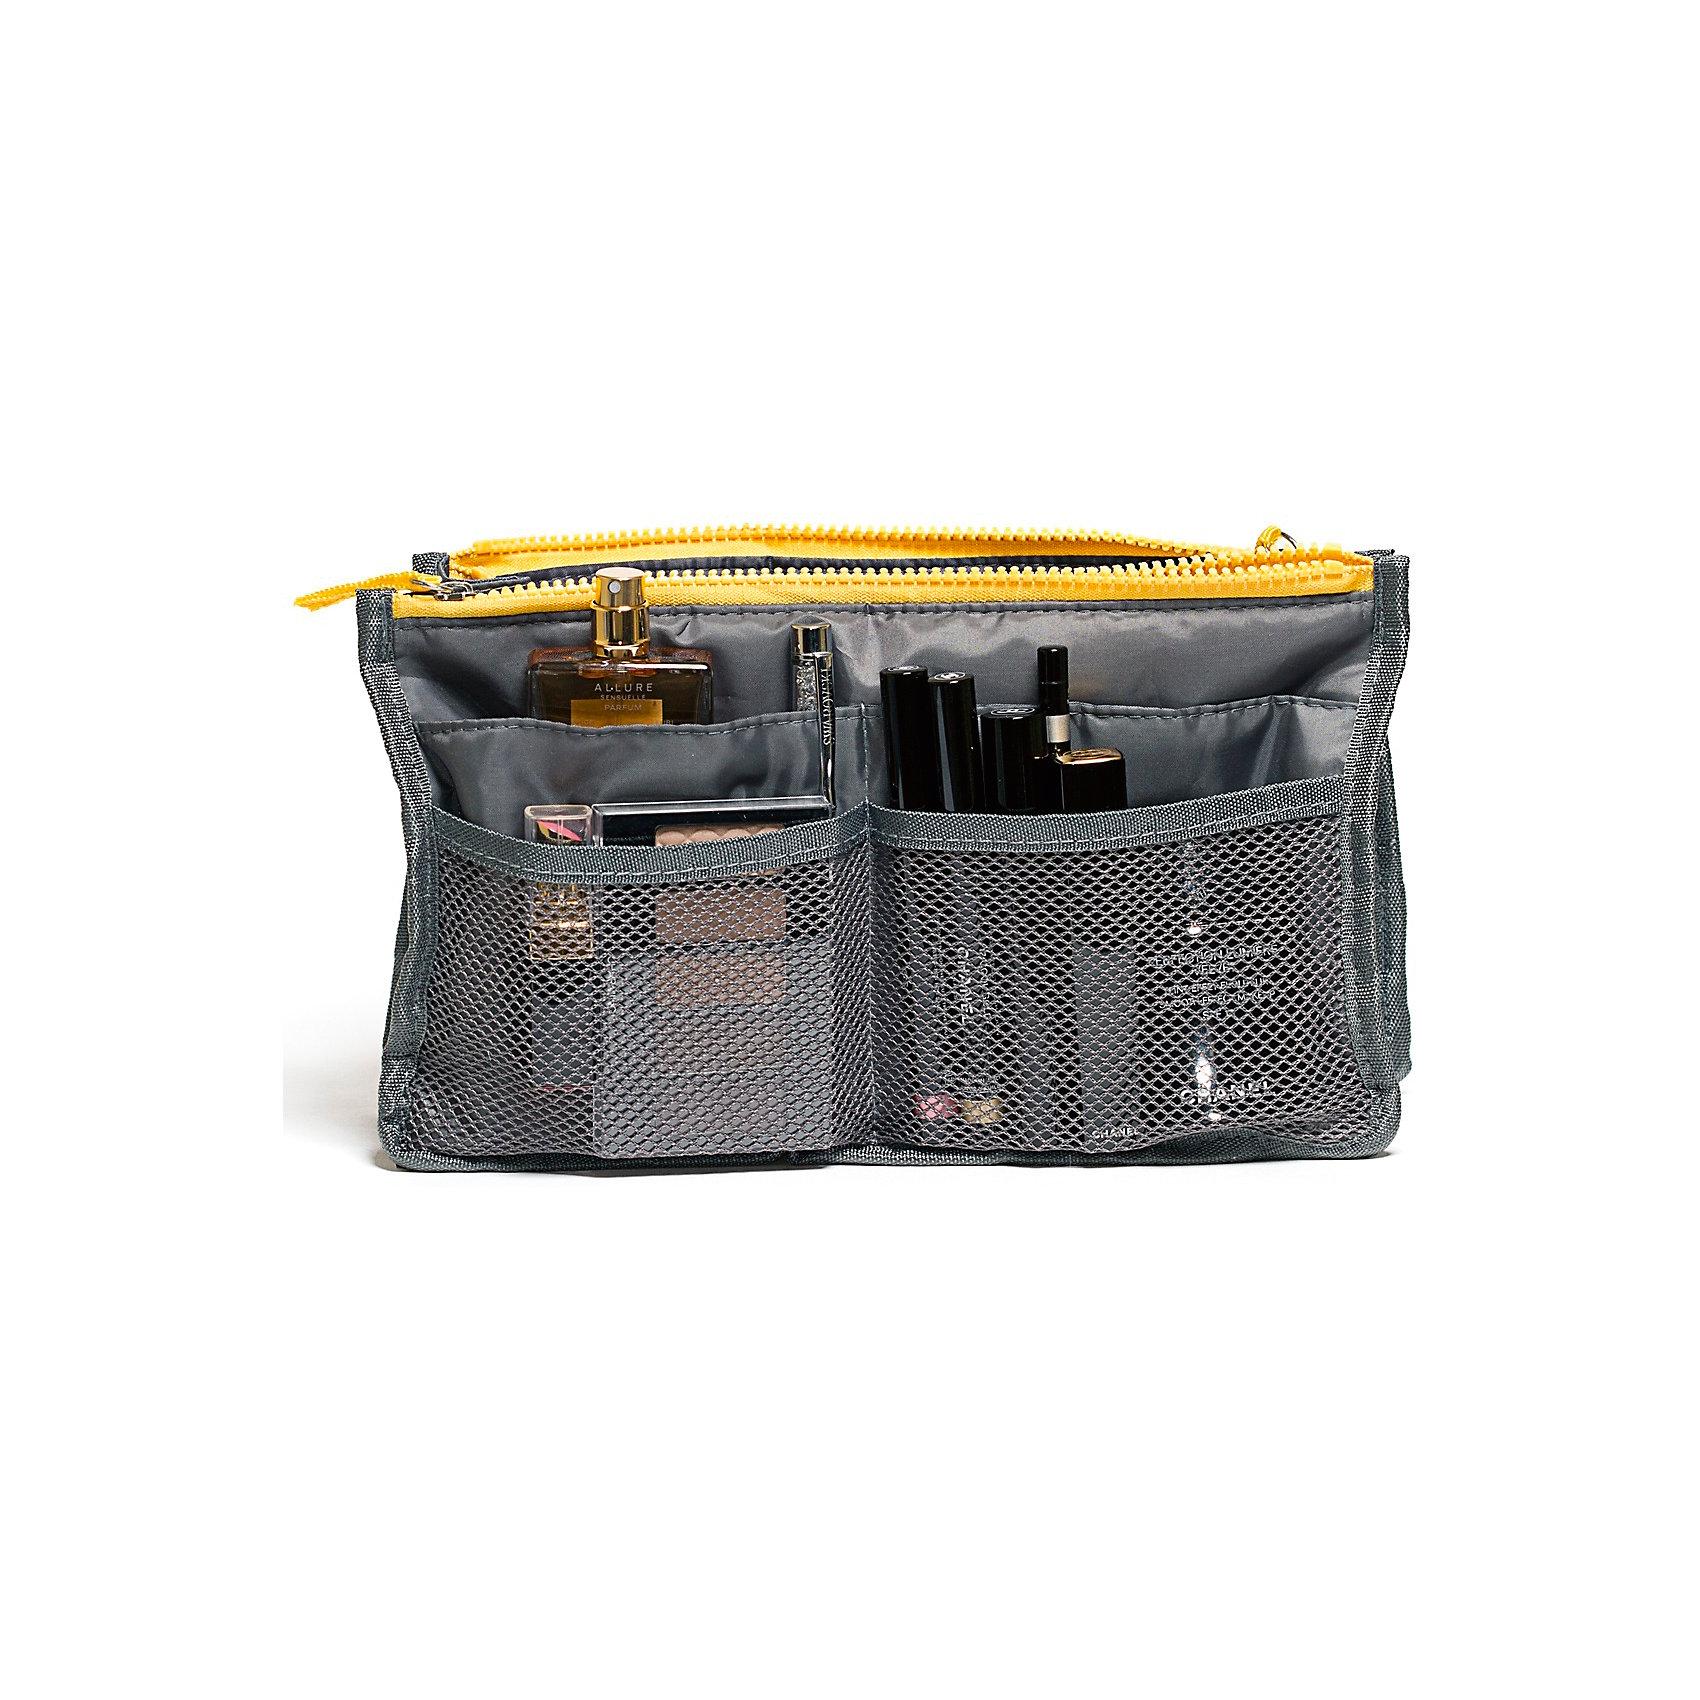 Органайзер для сумки, Homsu, серыйПорядок в детской<br>Этот органайзер для сумки благодаря трем вместительным отделениям для вещей, четырем кармашкам по бокам и шести кармашкам в виде сетки обеспечит полный порядок в вашей сумке. Кроме того, изделие обладает интересным стилем, выполнено в сером цвете и оснащёно двумя крепкими ручками, что позволяет применять его и вне сумки, как отдельный аксессуар.<br><br>Ширина мм: 280<br>Глубина мм: 30<br>Высота мм: 170<br>Вес г: 200<br>Возраст от месяцев: 216<br>Возраст до месяцев: 1188<br>Пол: Унисекс<br>Возраст: Детский<br>SKU: 5620310